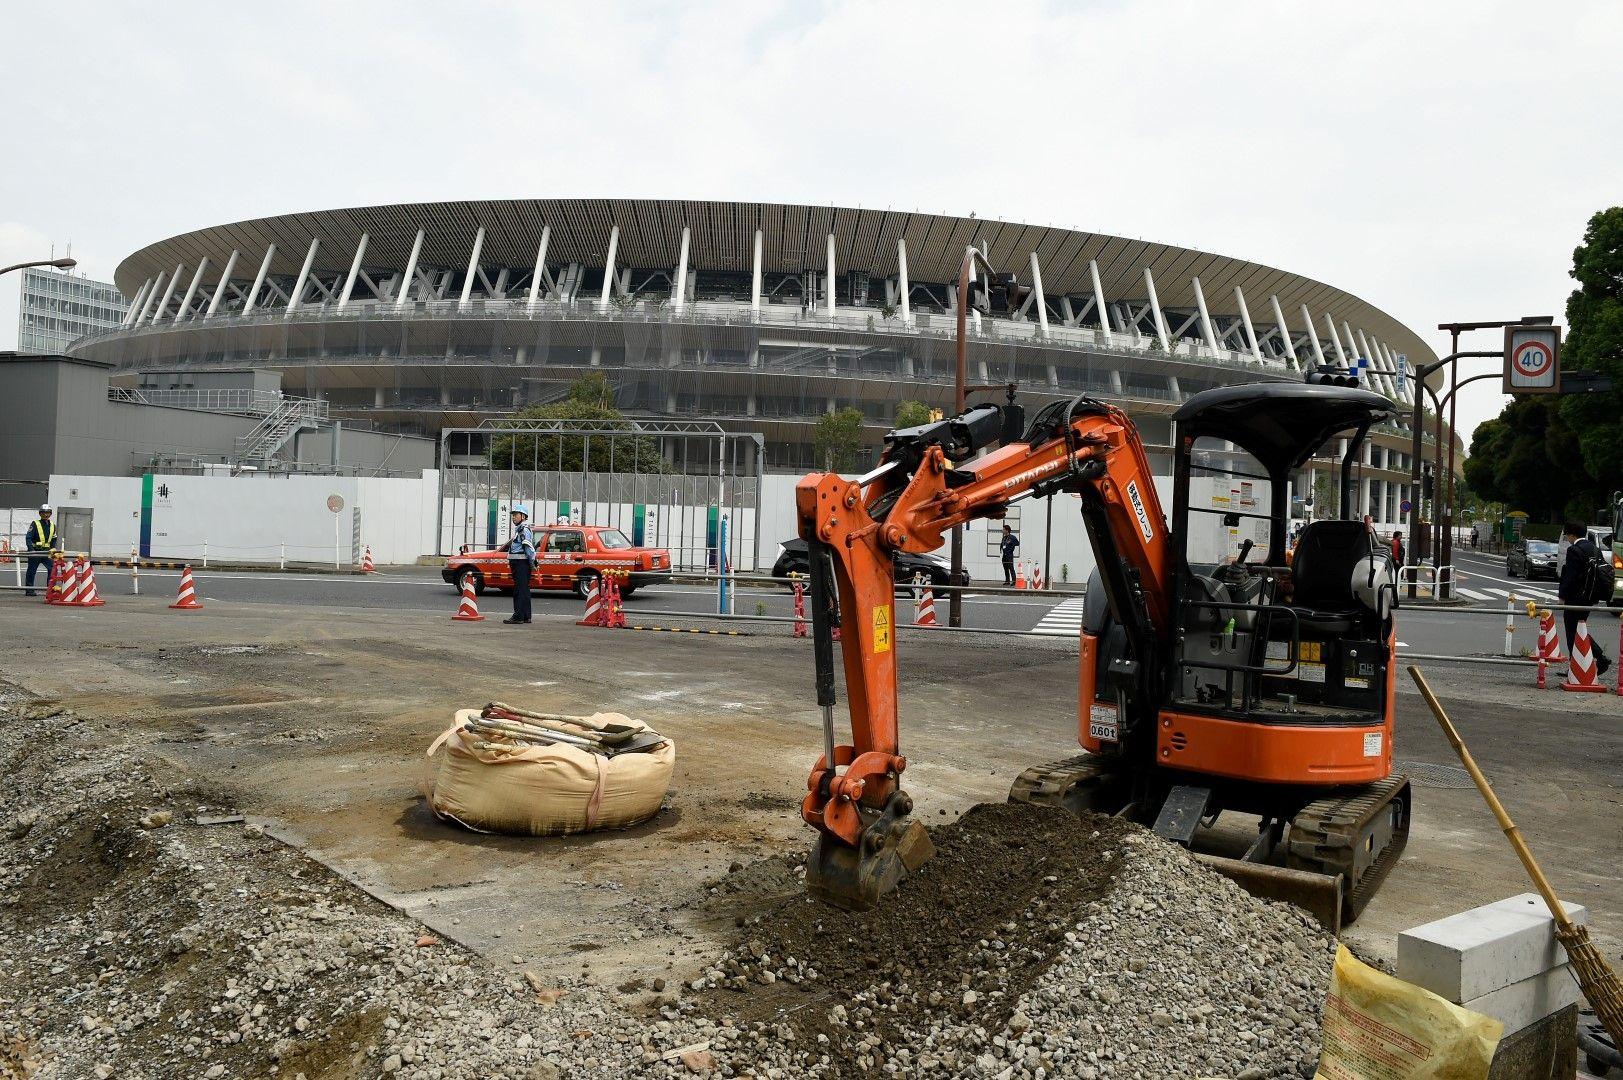 Инфраструктурата около New National Stadium е близо до завършения си вид